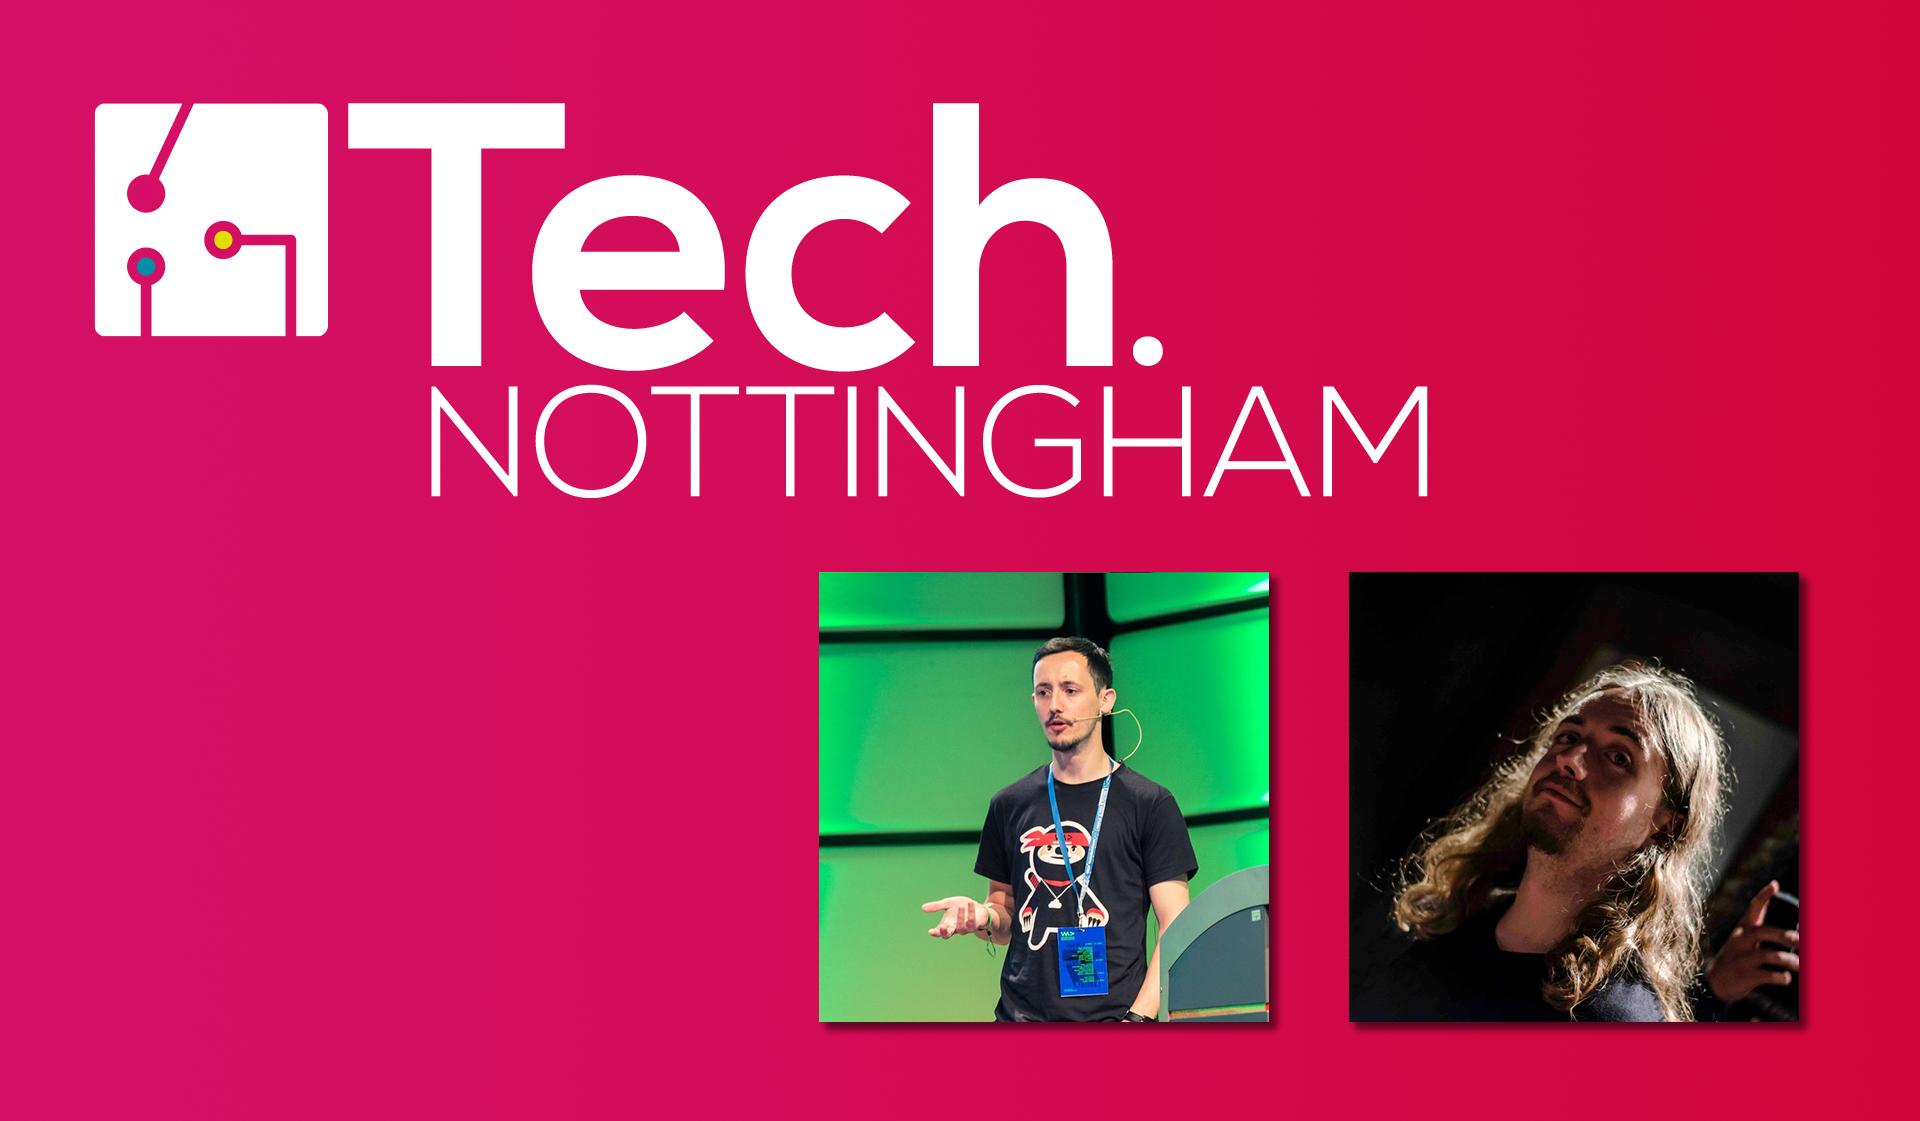 Tech-Nott-banner-Aug-2018.png